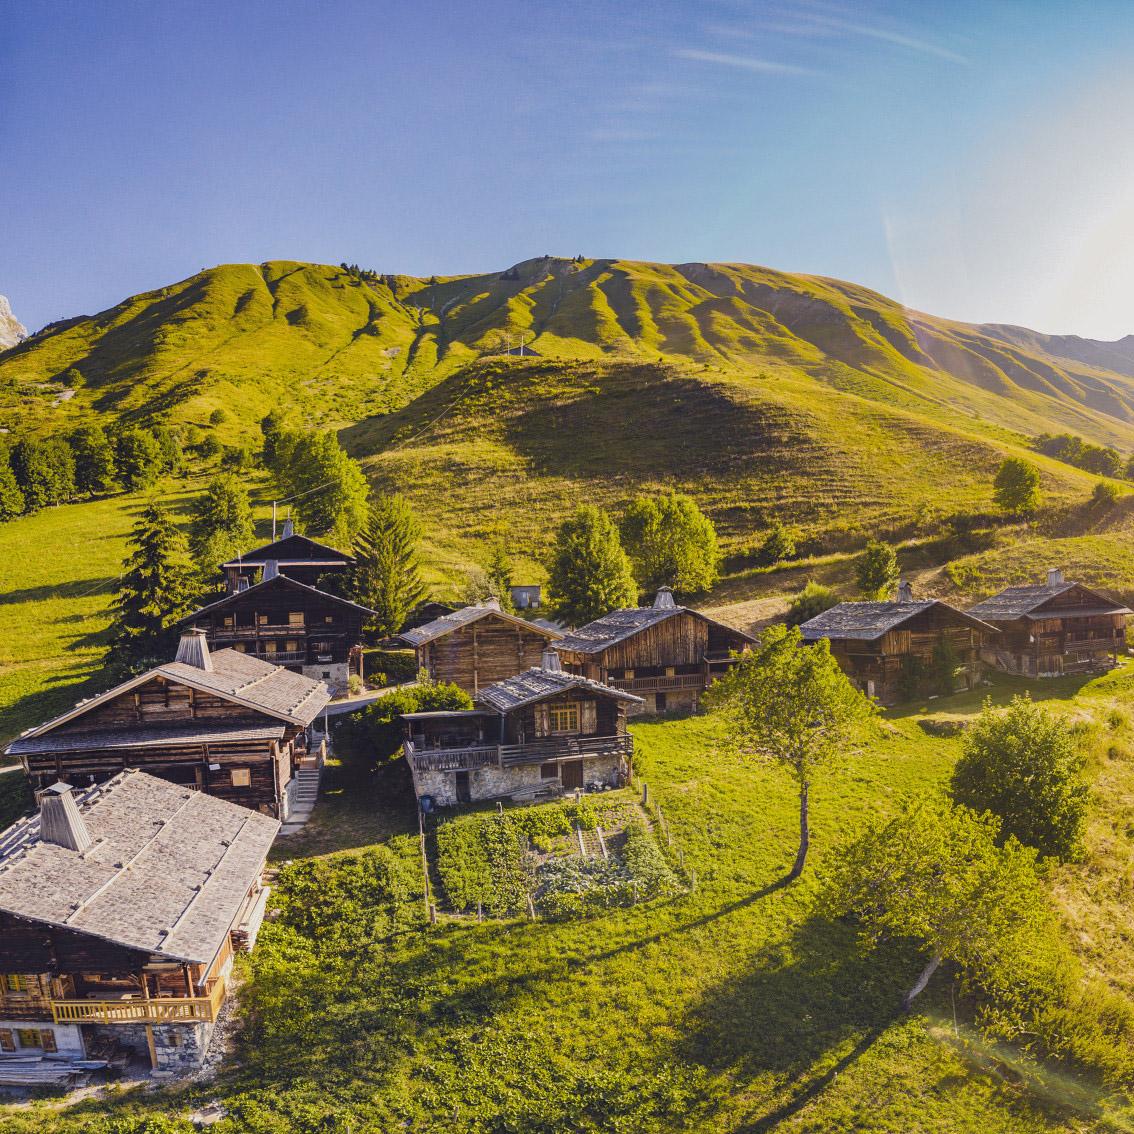 Le hameau des bouts en été - © C. Cattin - Alpcat Médias